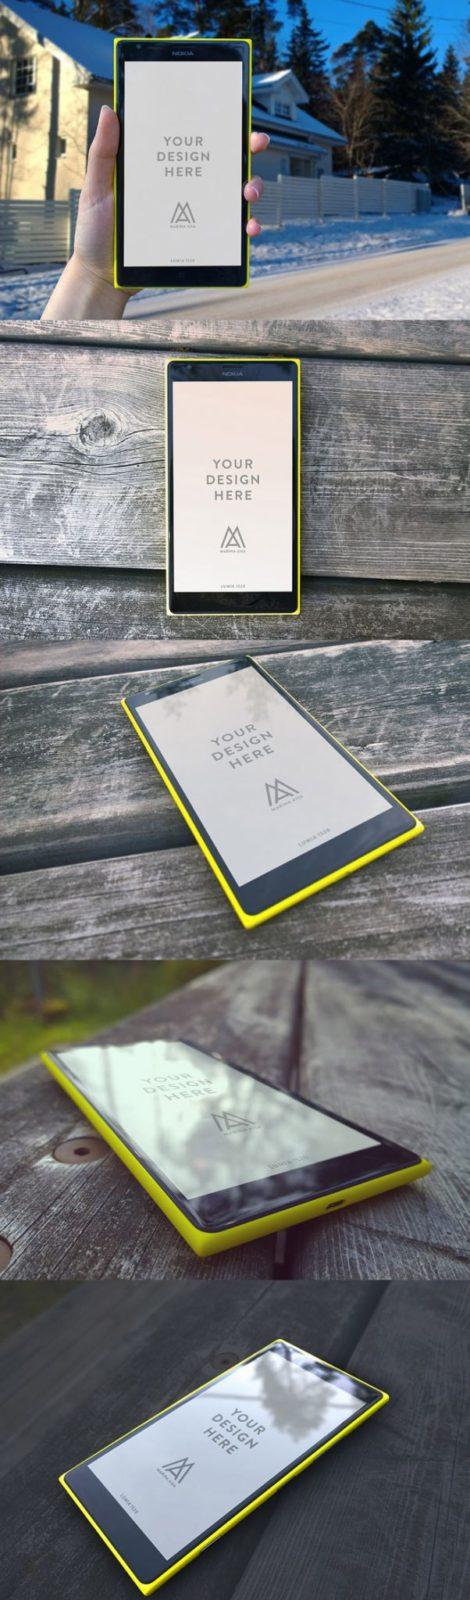 Microsoft / Nokia Lumia 1520 PSD Mockups